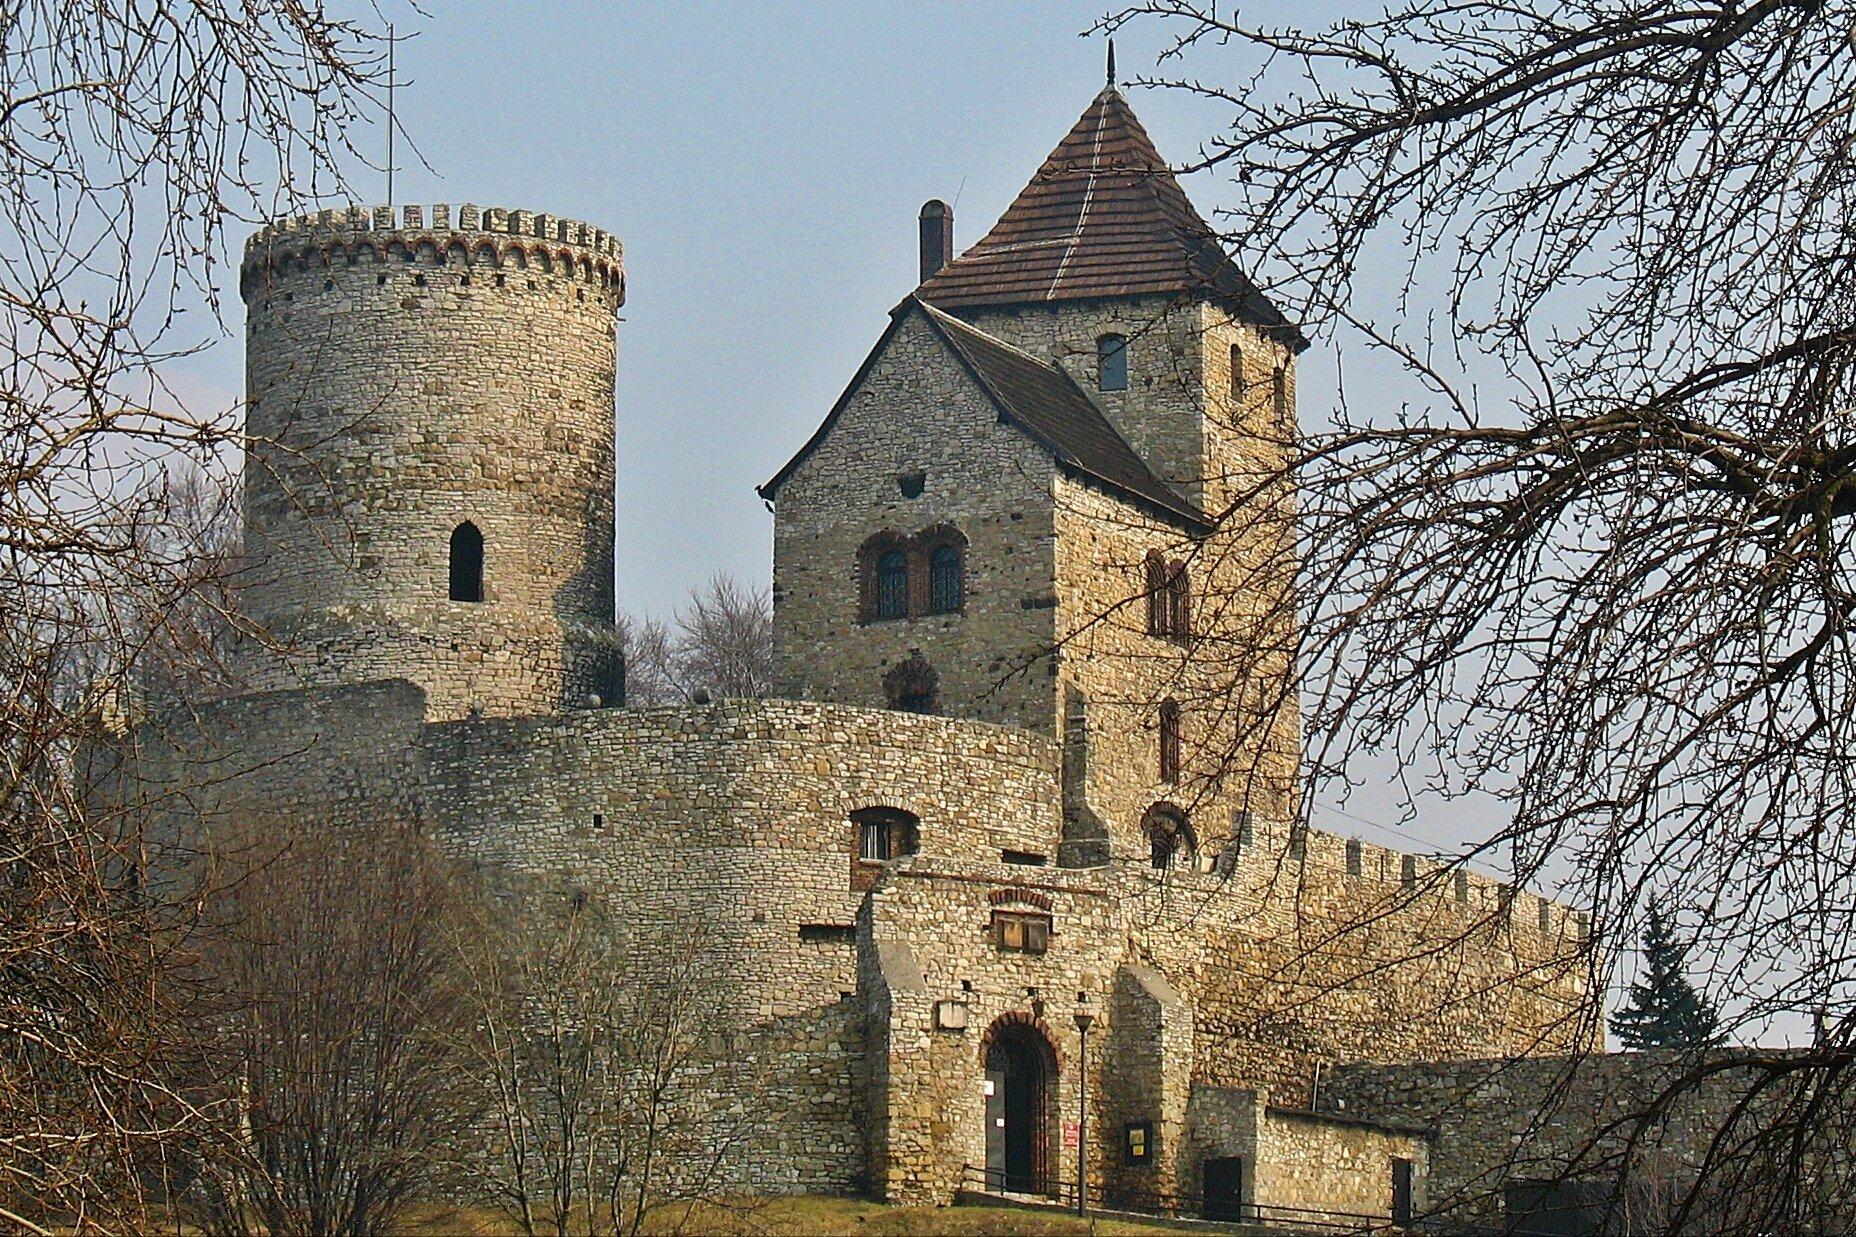 Otoczone szarymi, kamiennymi murami obronnymi zabudowania ibaszta. Wcentralnej części brama wjazdowa do zamku. Za murami zabudowania ze szpiczastymi dachami pokrytymi czerwoną dachówką.